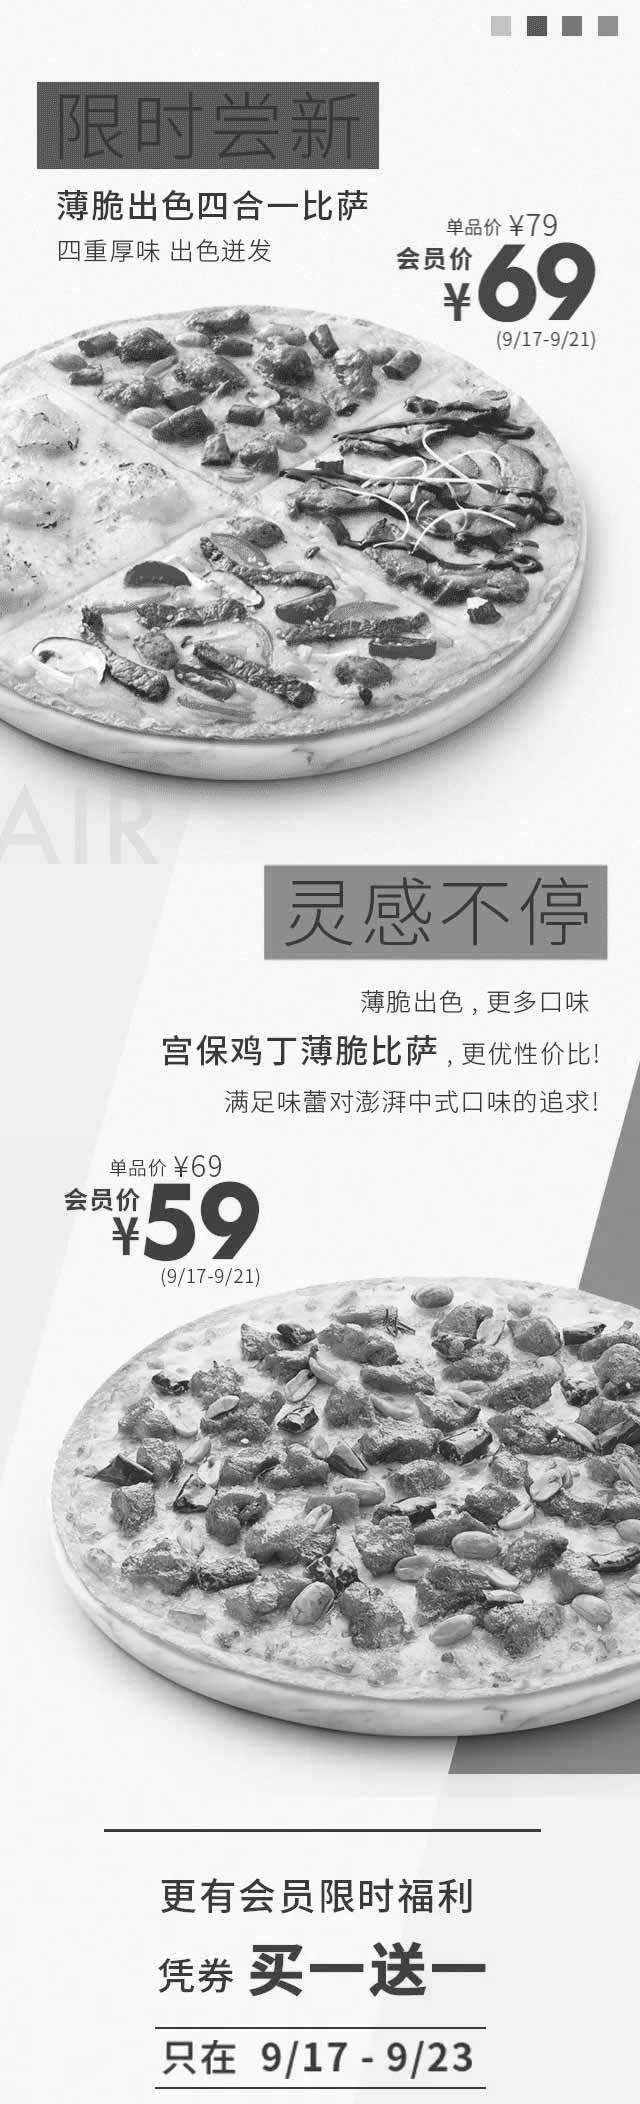 黑白优惠券图片:必胜客Pizza Air薄脆四合一比萨,会员限时优惠59元起 - www.5ikfc.com